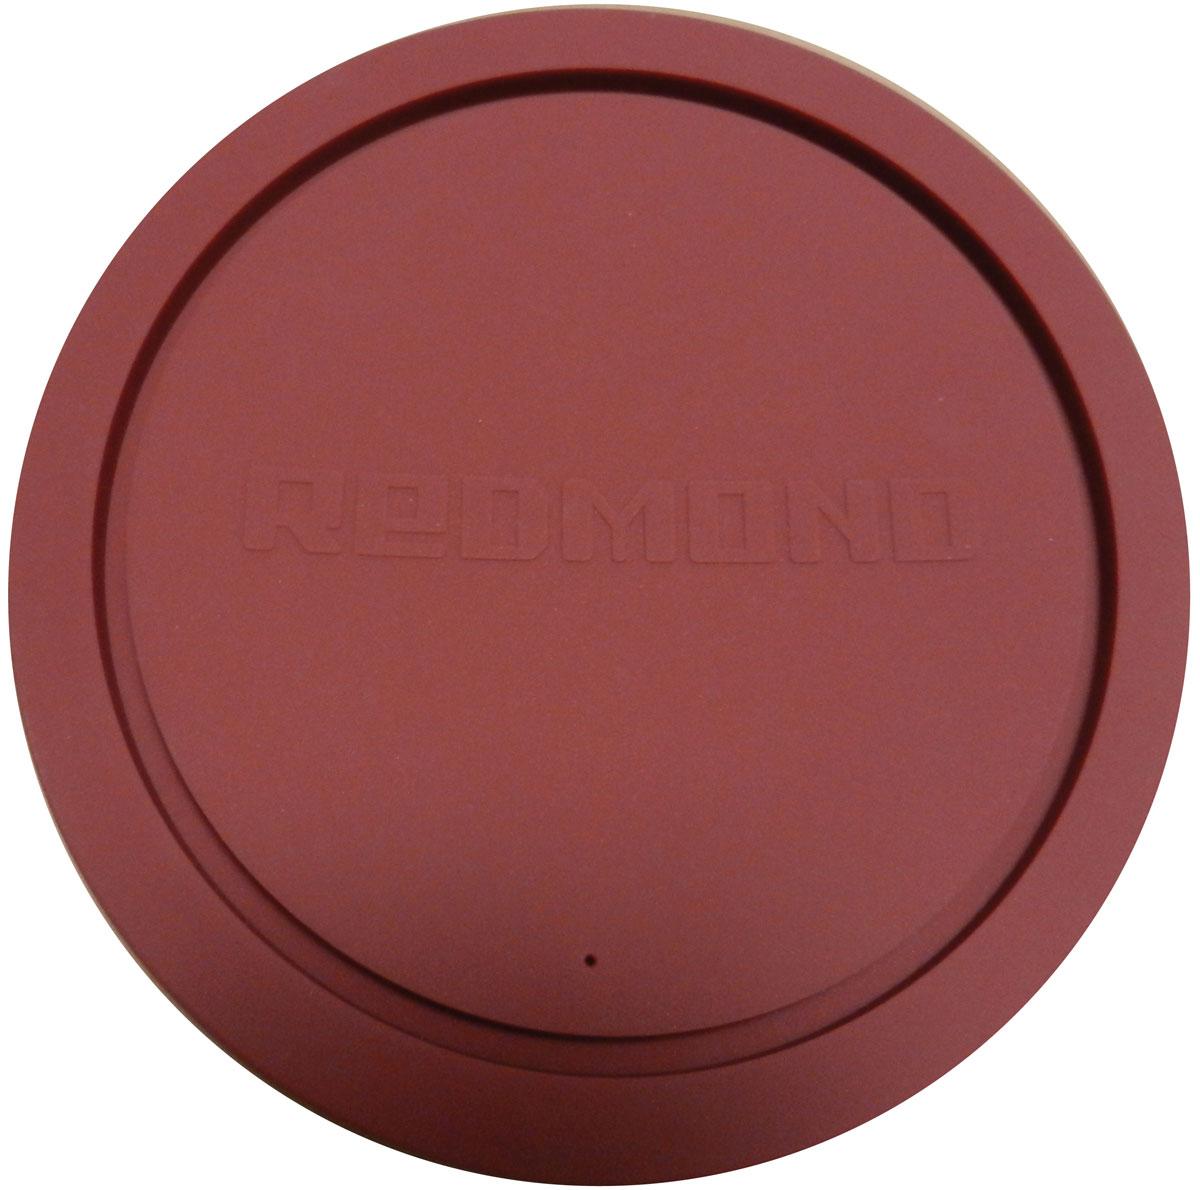 Redmond RAM-PLU1-E крышка для чаши мультиваркиRAM-PLU1-EУниверсальная силиконовая крышка Redmond RAM-PLU1-E изготовлена из высококачественного пищевого силикона — экологичного и долговечного материала. Прочная и эластичная, она отлично подходит для чаш мультиварок Redmond емкостью от 3 до 6 литров, а также для любых кастрюль или другой кухонной посуды соответствующего диаметра. Вы можете смело использовать крышку RAM-PLU1-E для приготовления блюд в микроволновой печи, для хранения продуктов в холодильнике или морозильной камере. Кроме того, силиконовая крышка отлично послужит вам в качестве подставки для горячей посуды. Ухаживать за силиконовой крышкой необычайно просто: она легко моется как под краном, так и в посудомоечной машине.Диаметр чаши: без ободка - 20 см, с ободком - 22 см.